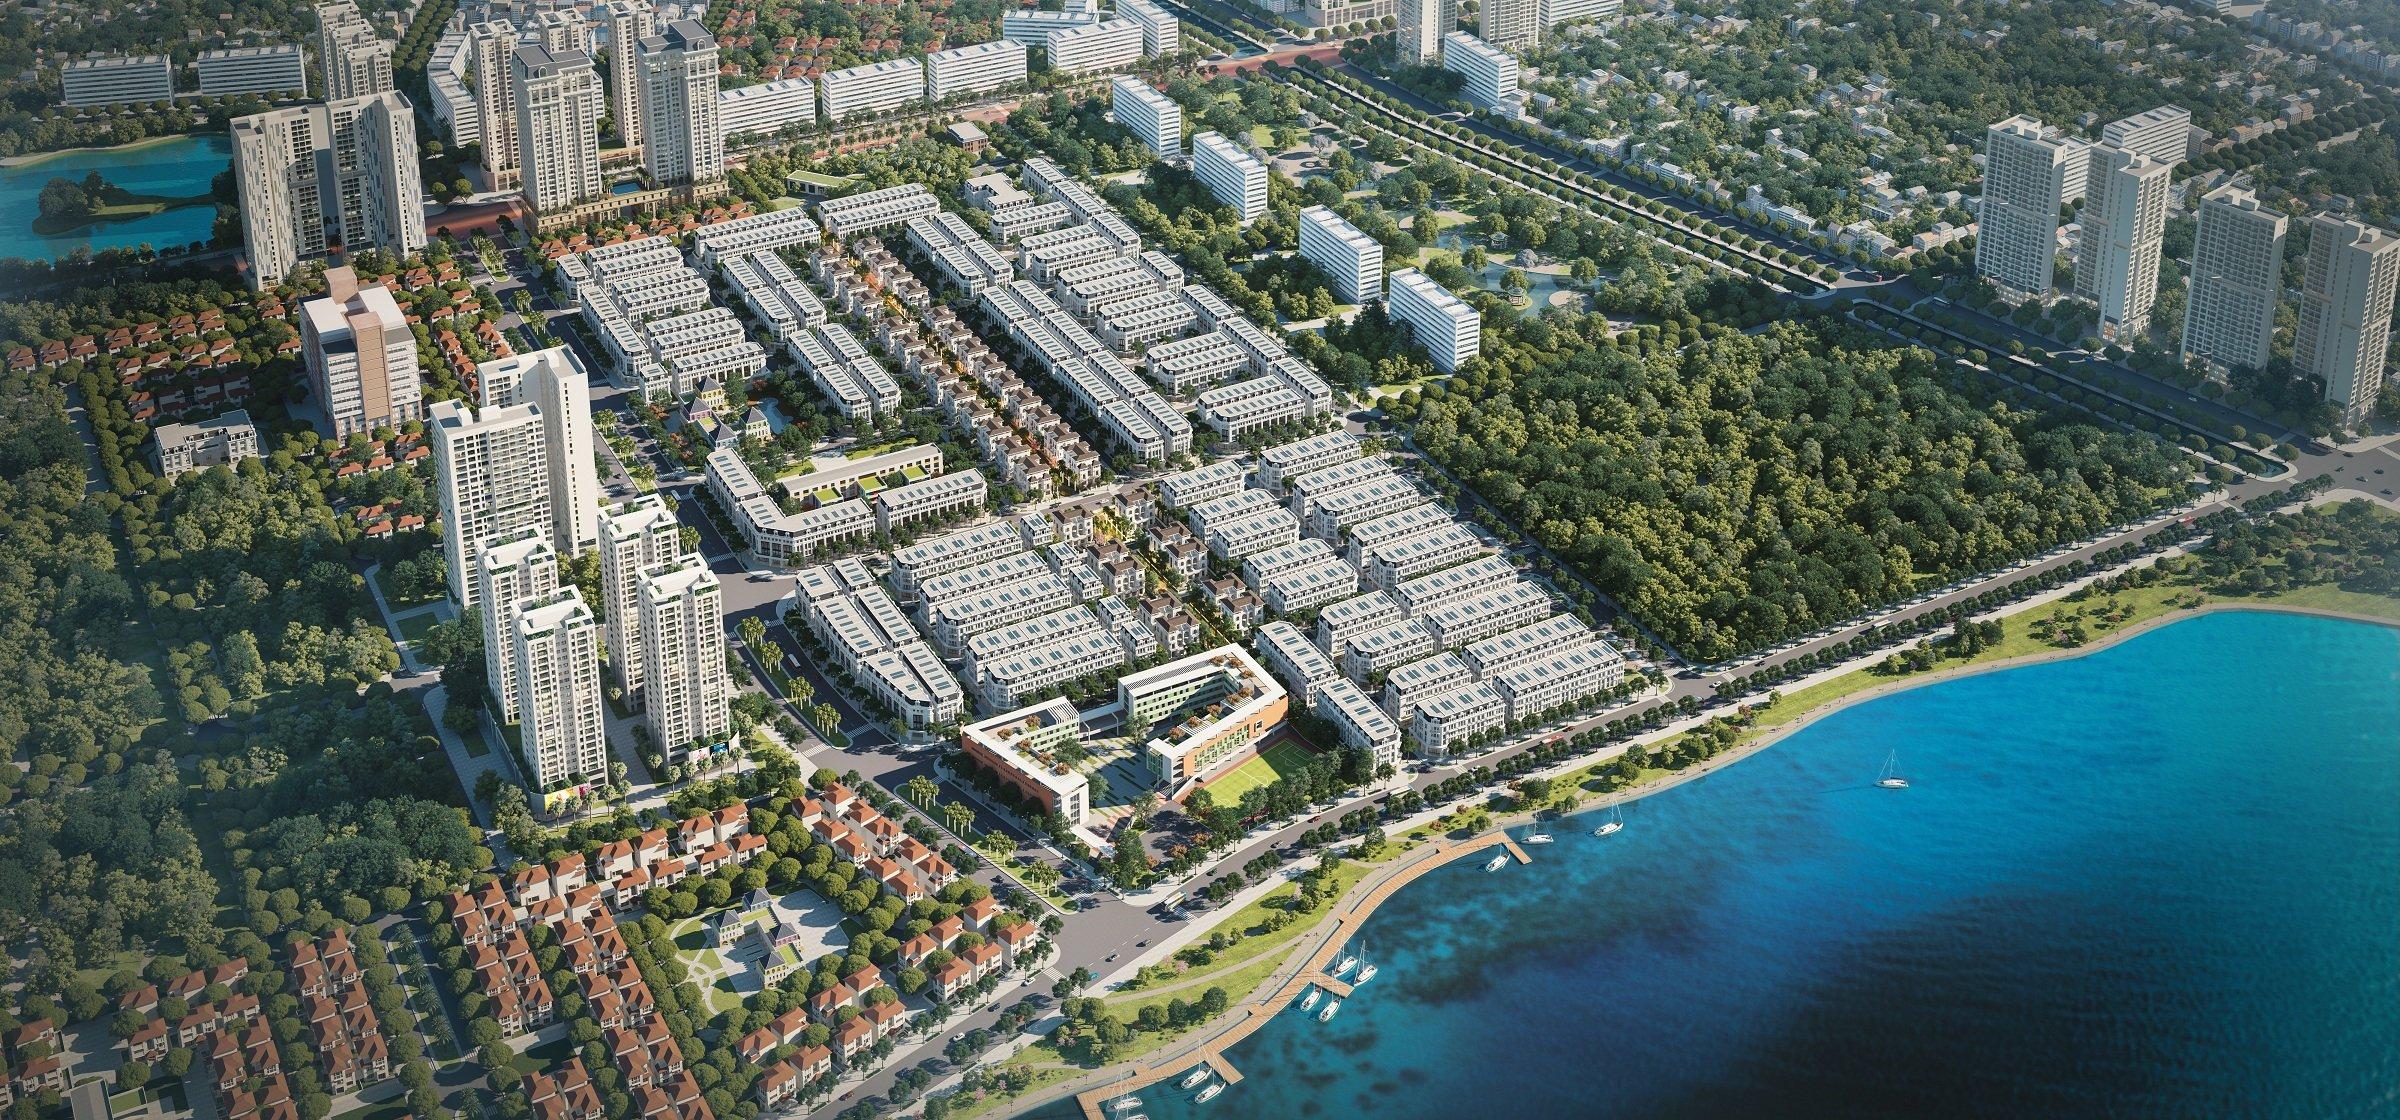 Dự án Khu đô thị mới Hoàng văn thụ